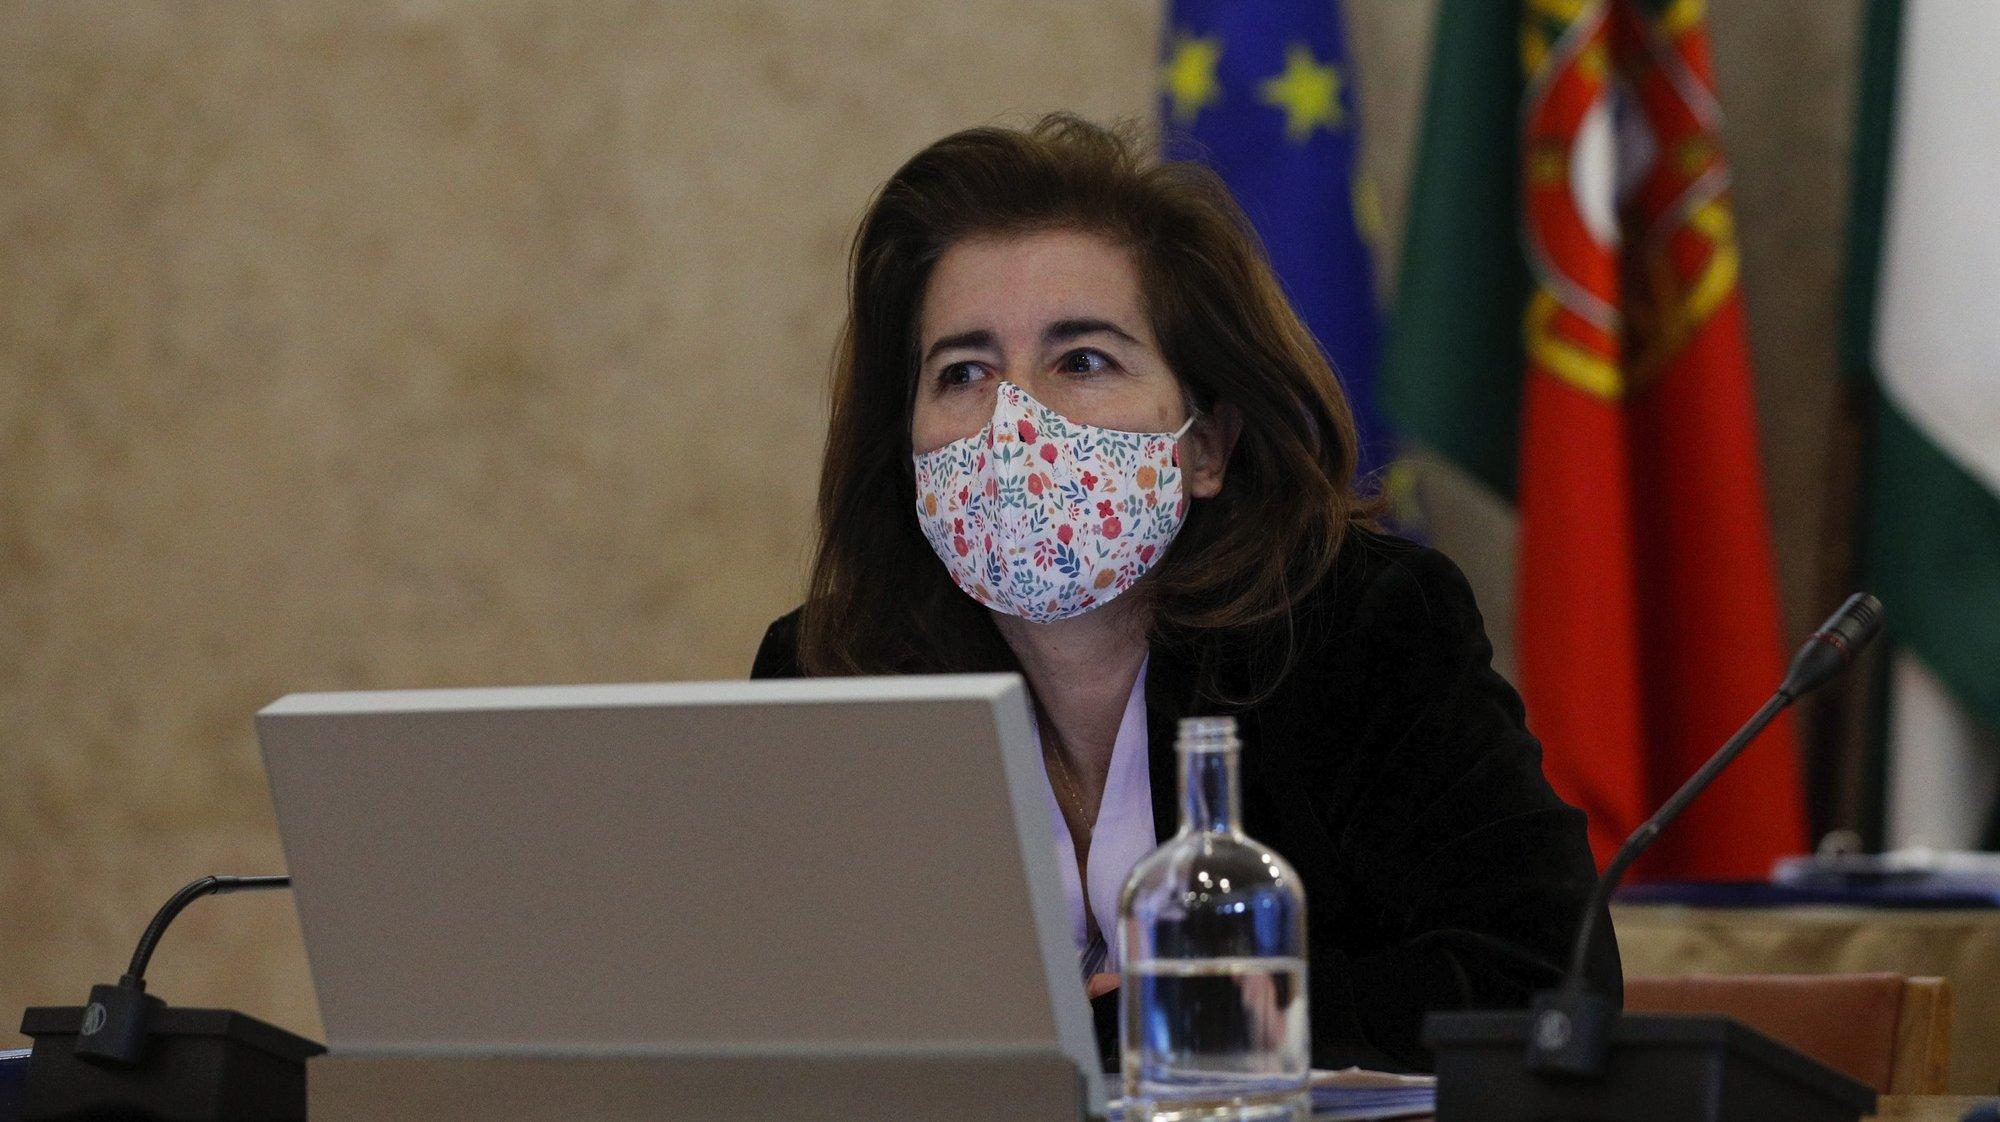 A ministra do Trabalho, Solidariedade e Segurança Social, Ana Mendes Godinho, durante a sua audição perante a Comissão de Trabalho e Segurança Social, na Assembleia da República, em Lisboa, 10 de fevereiro de 2021. ANTÓNIO COTRIM/LUSA